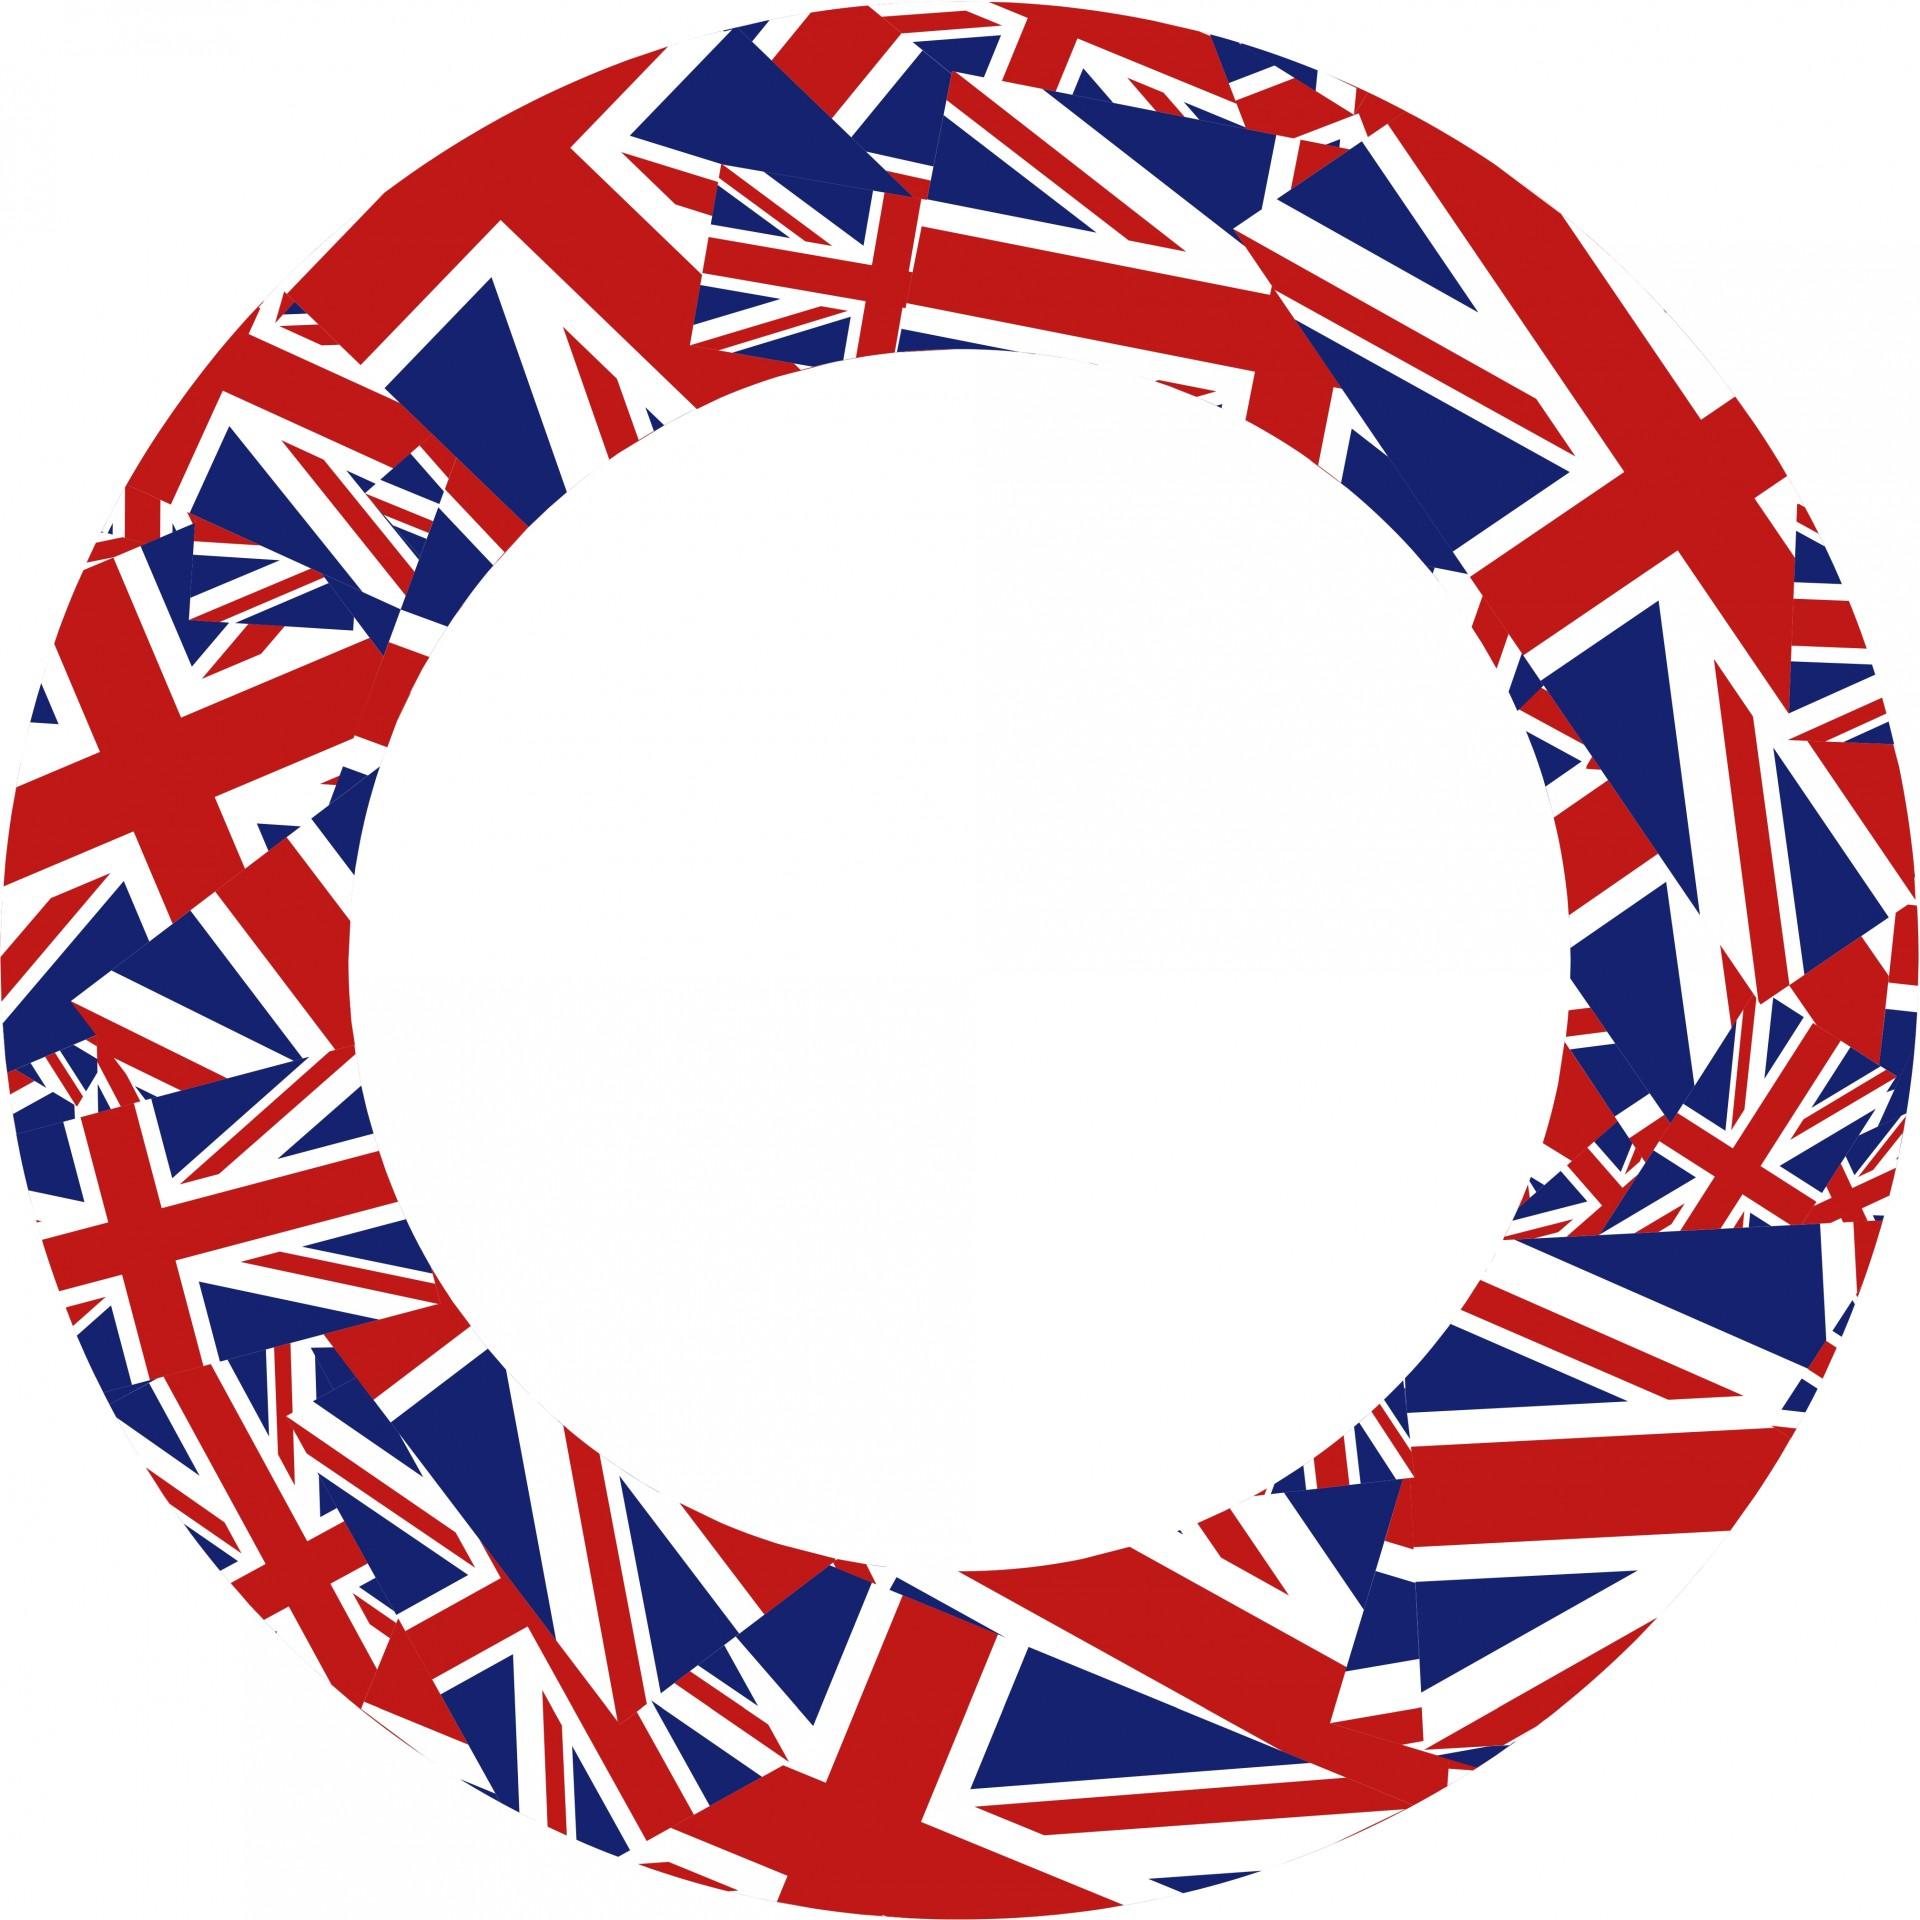 Union Jack clipart Pictures Jack Public Flag Jack